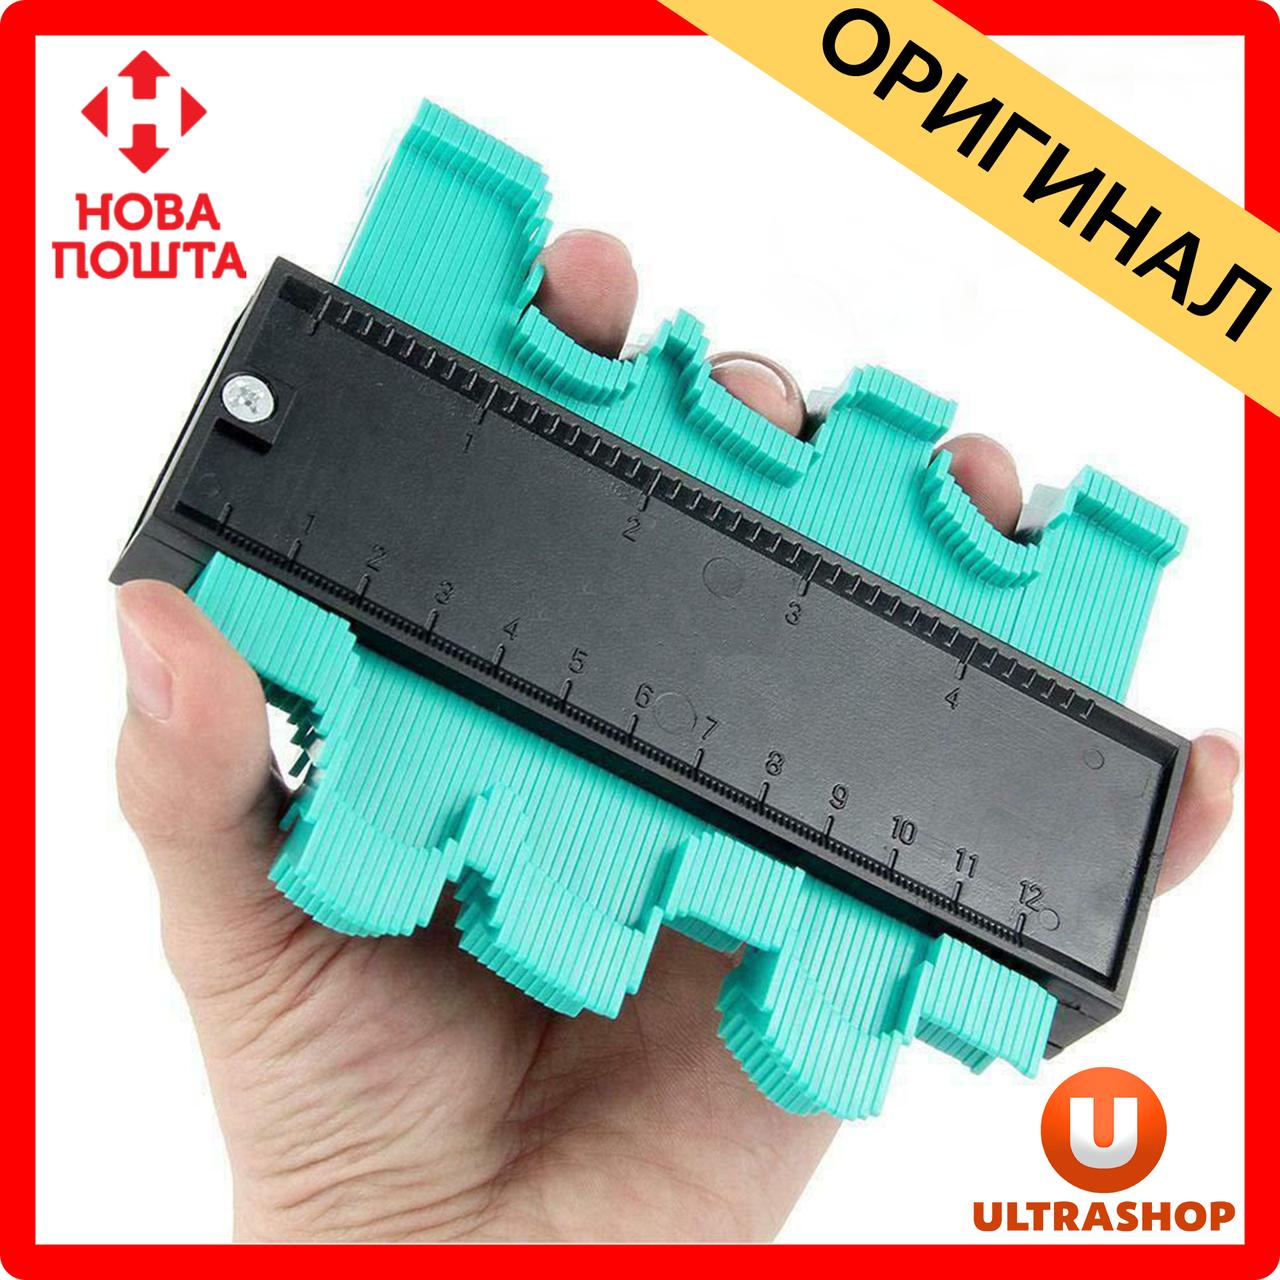 Измеритель контура Pro Tools Counter Original! Дубликатор контура, Контурная линейка, шаблон для изделий